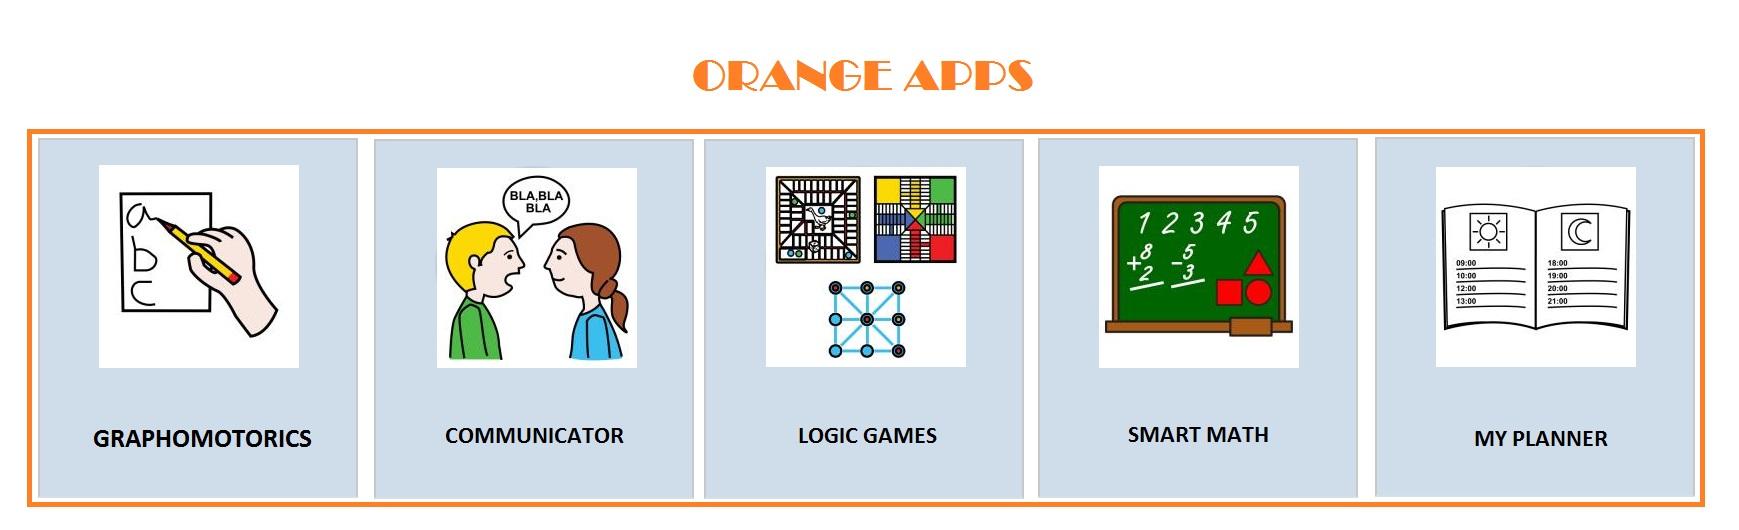 Orange apps: selection bar